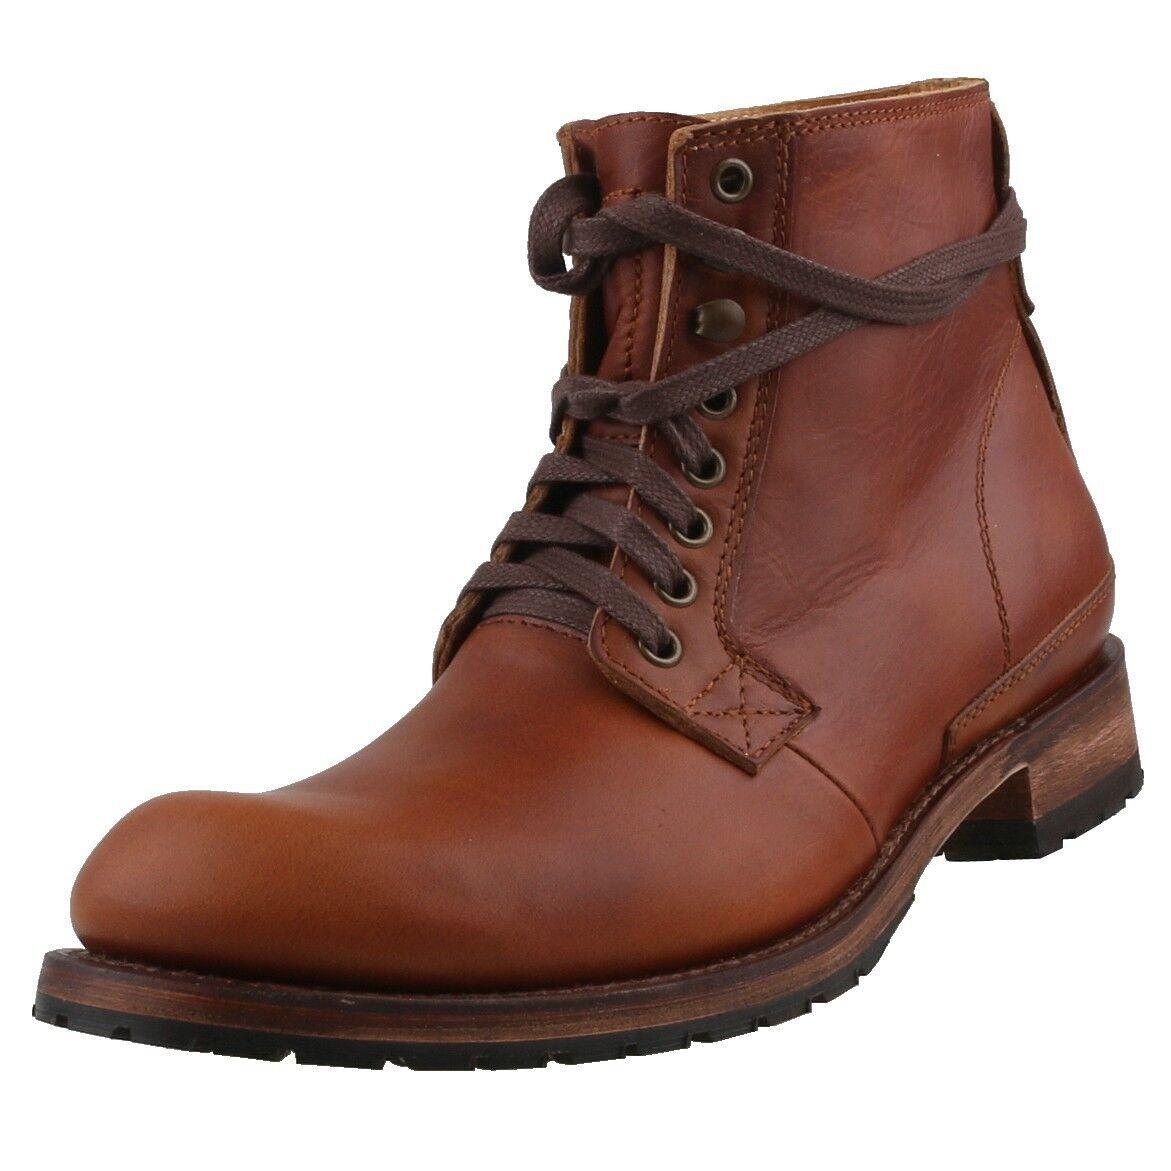 Nuevo sendra botas CABALLERO zapatos botas señores botas botines botas de cuero